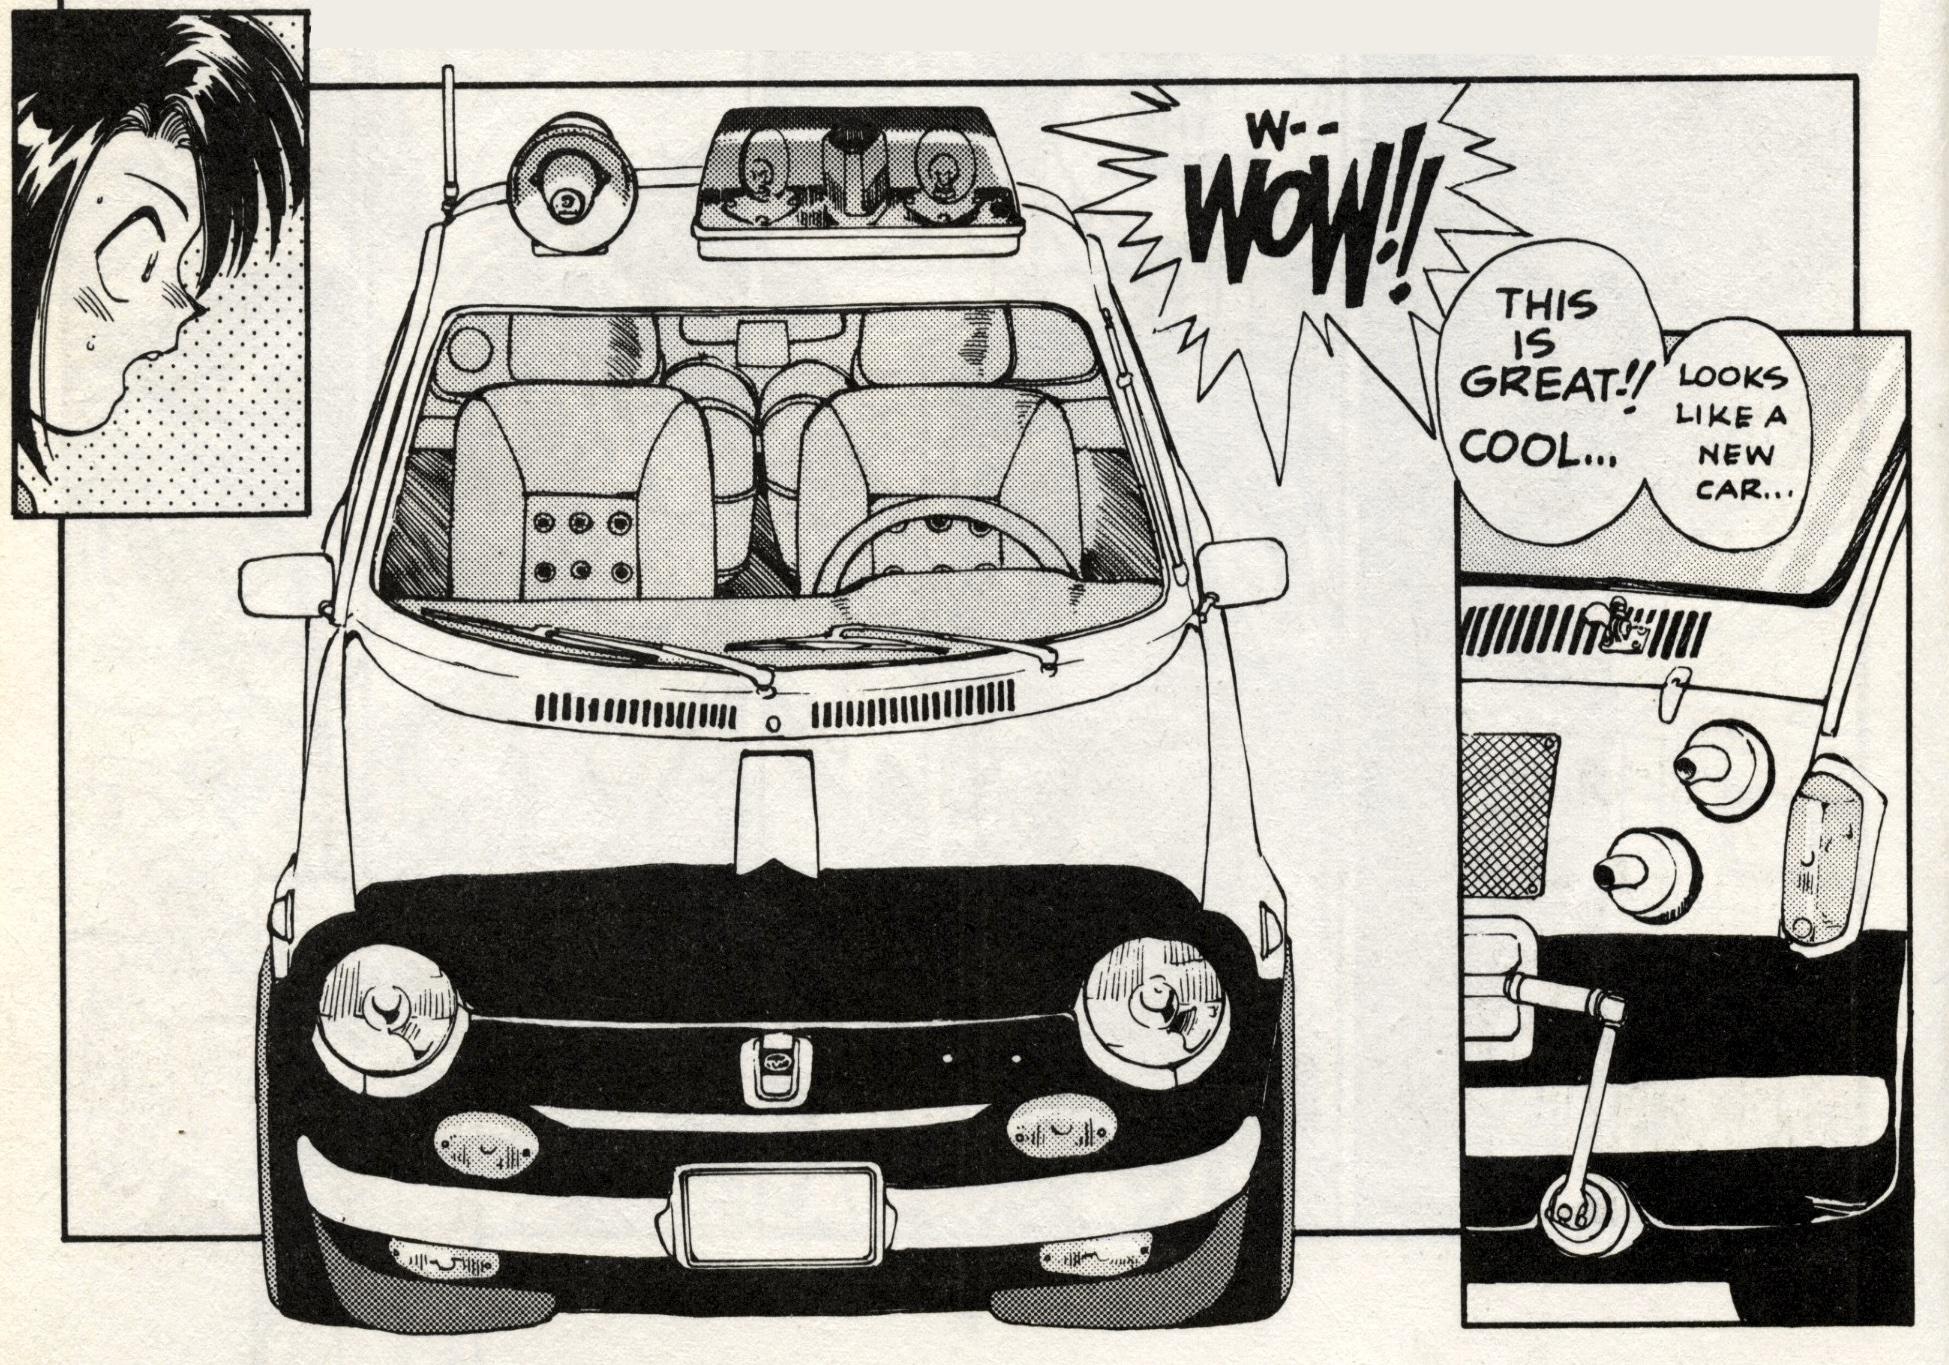 Subaru R-2 SS police special